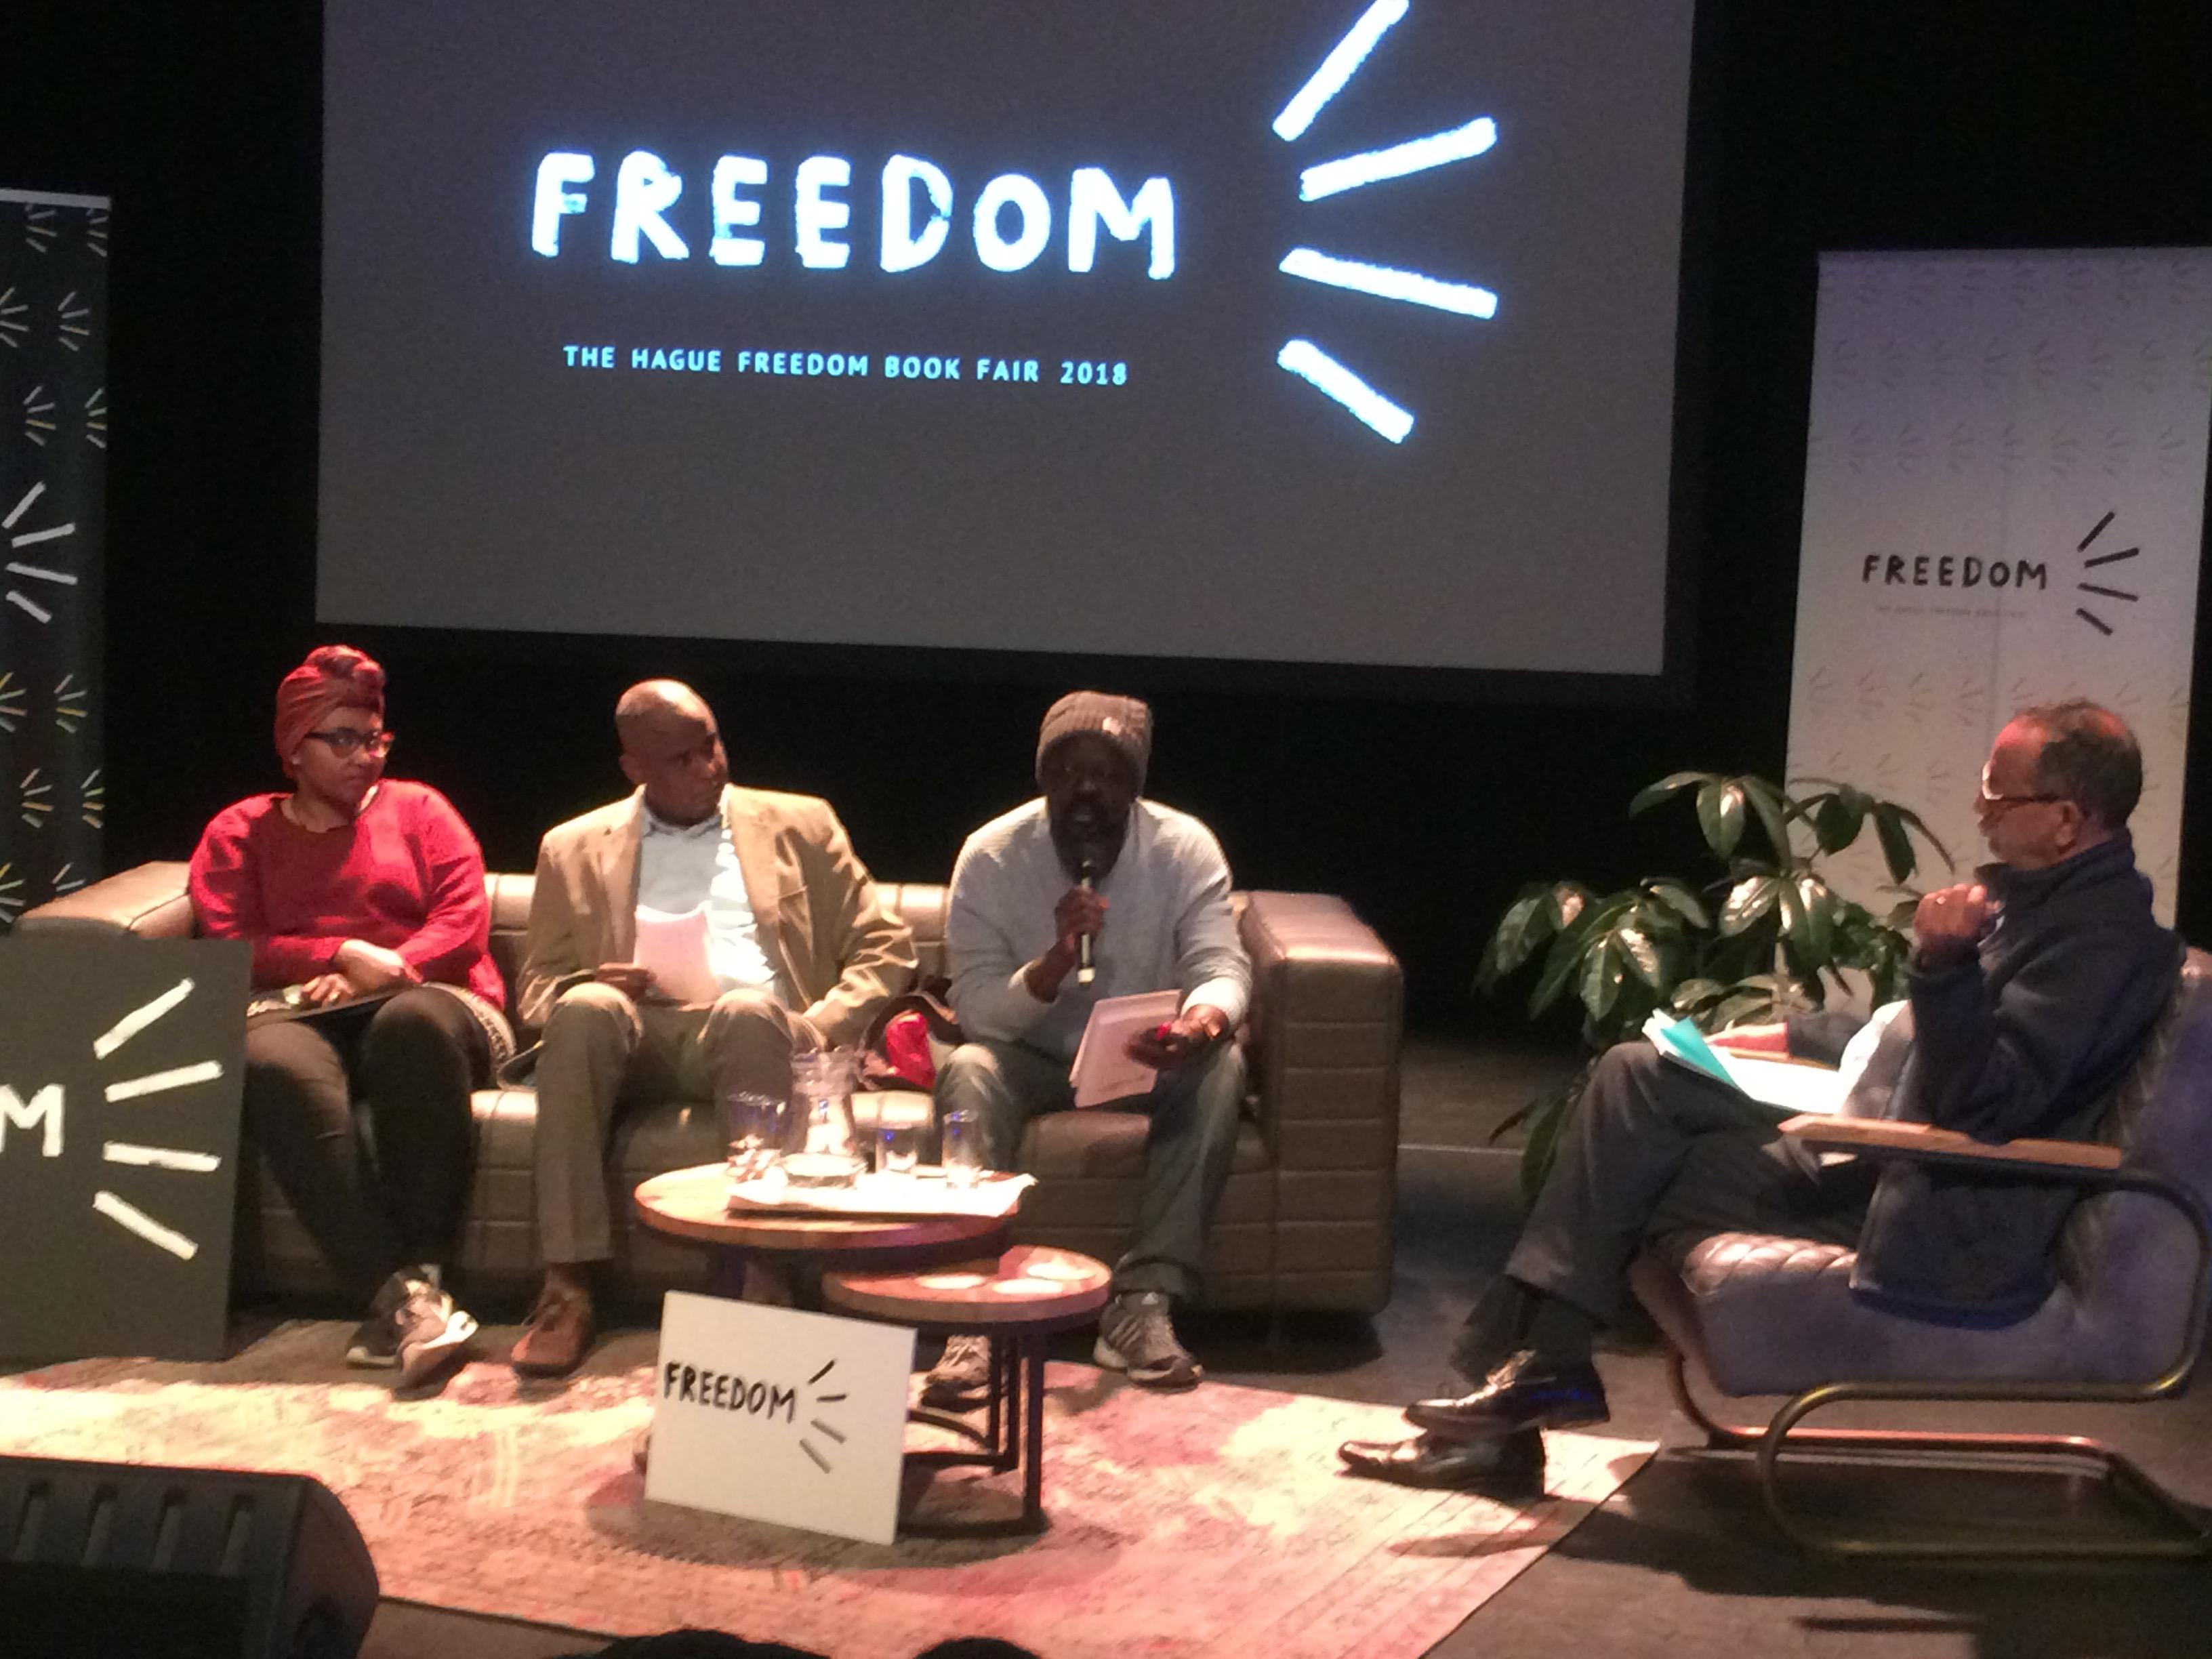 ندوة حرّية التعبير في السودان